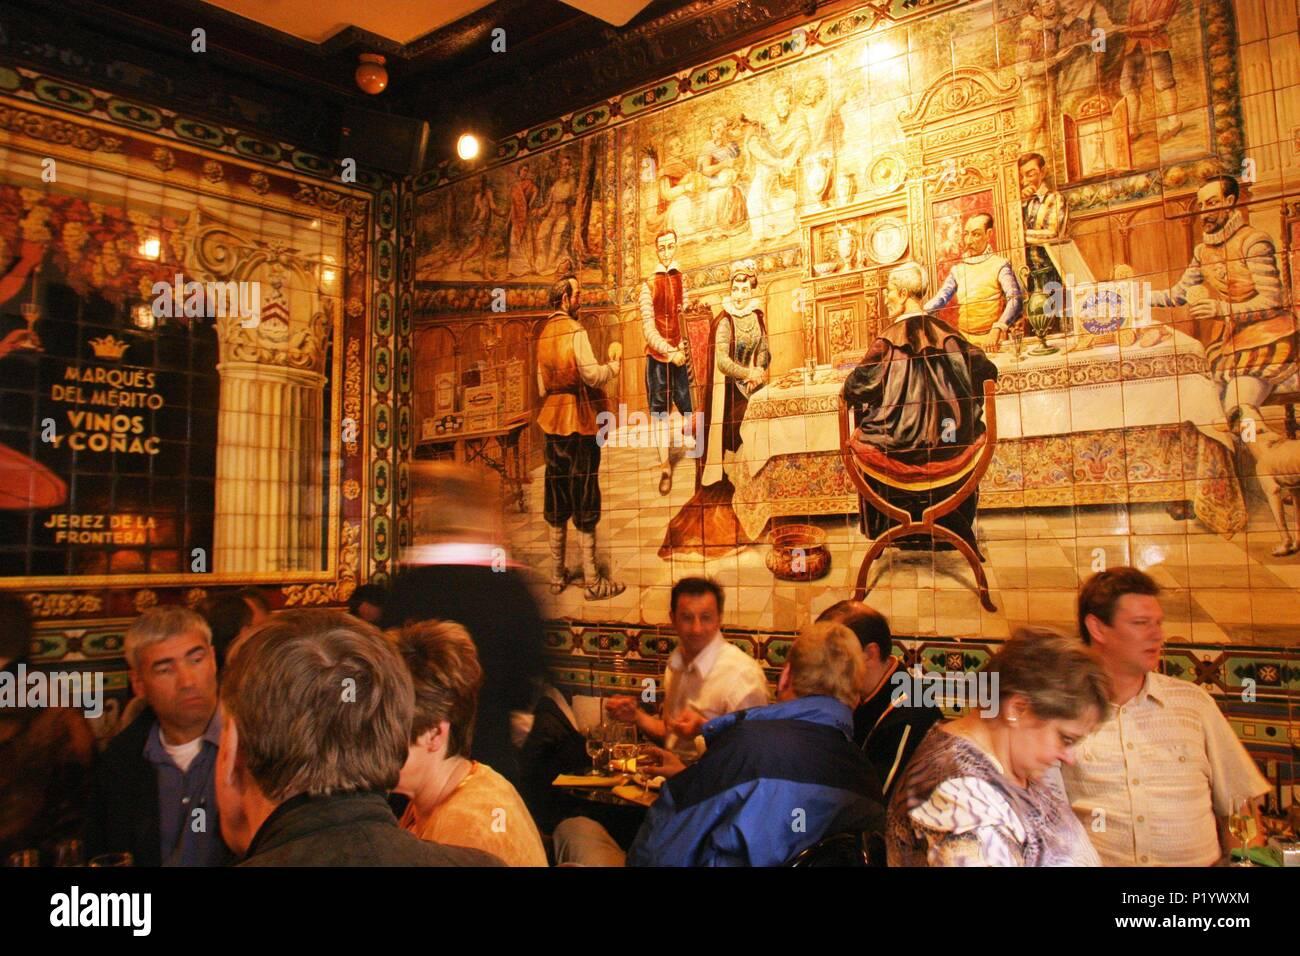 Bar 'Los Gabrieles'; interior con decorados de cerámicas / azulejos. - Stock Image